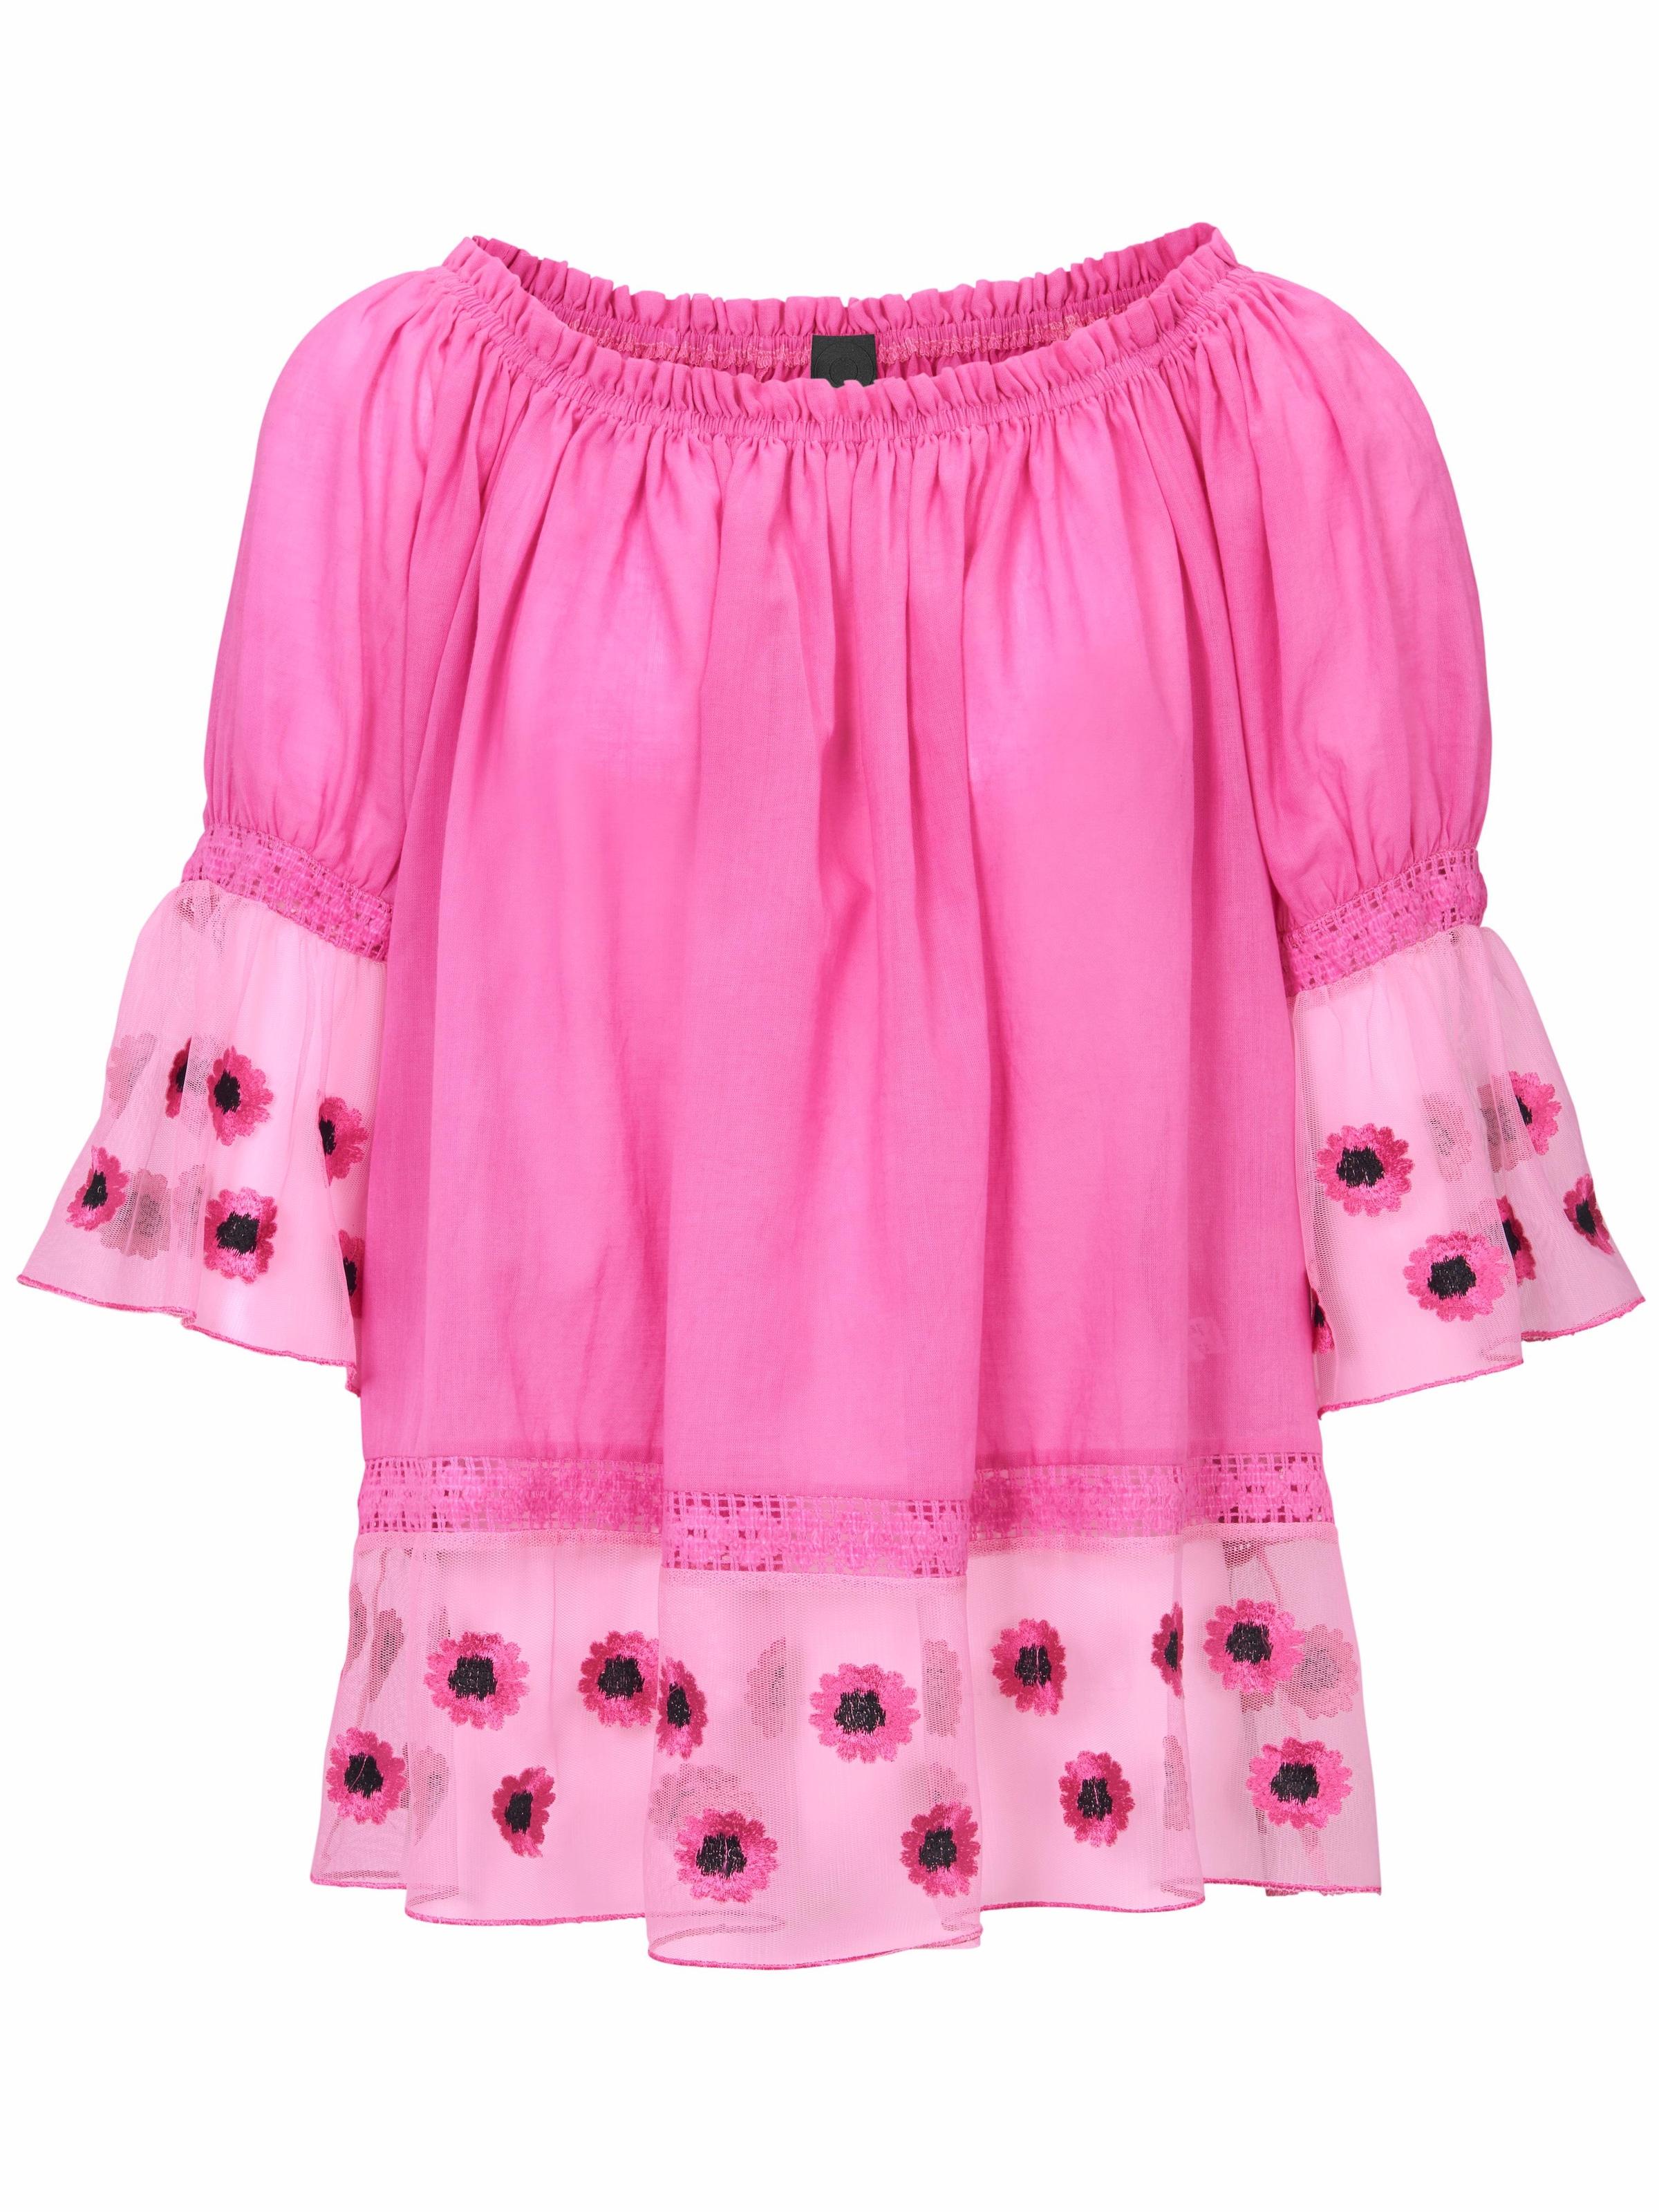 Bluse Bluse In Heine In Heine In PinkSchwarz PinkSchwarz Bluse Heine J135lcKTFu